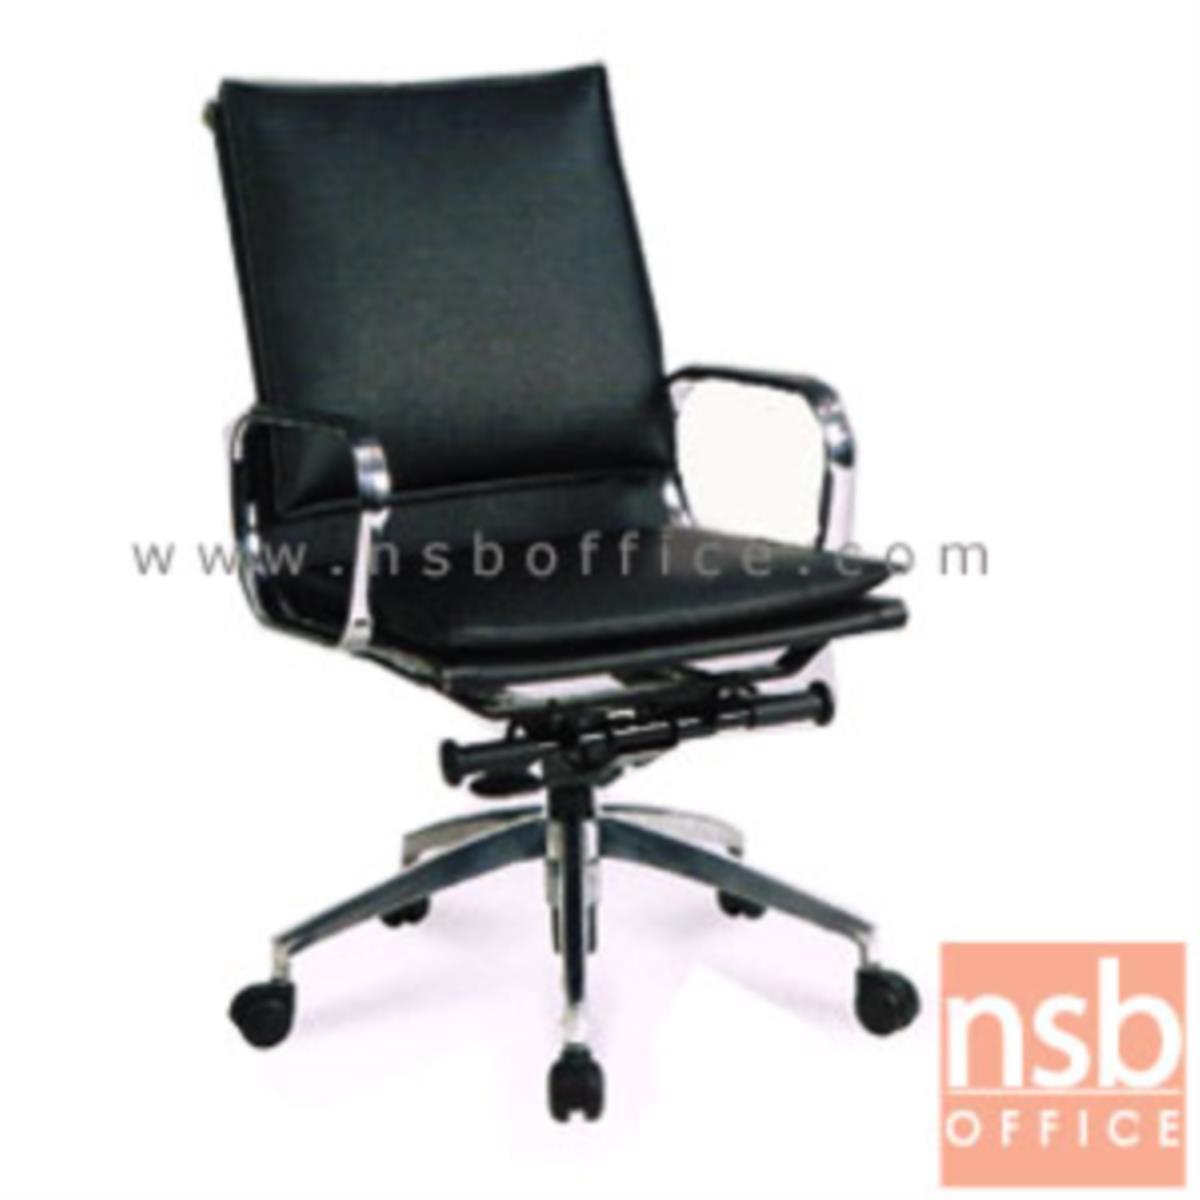 B26A066 :เก้าอี้สำนักงาน รุ่น UF-4684-5  โช๊คแก๊ส มีก้อนโยก ขาเหล็กชุบโครเมี่ยม